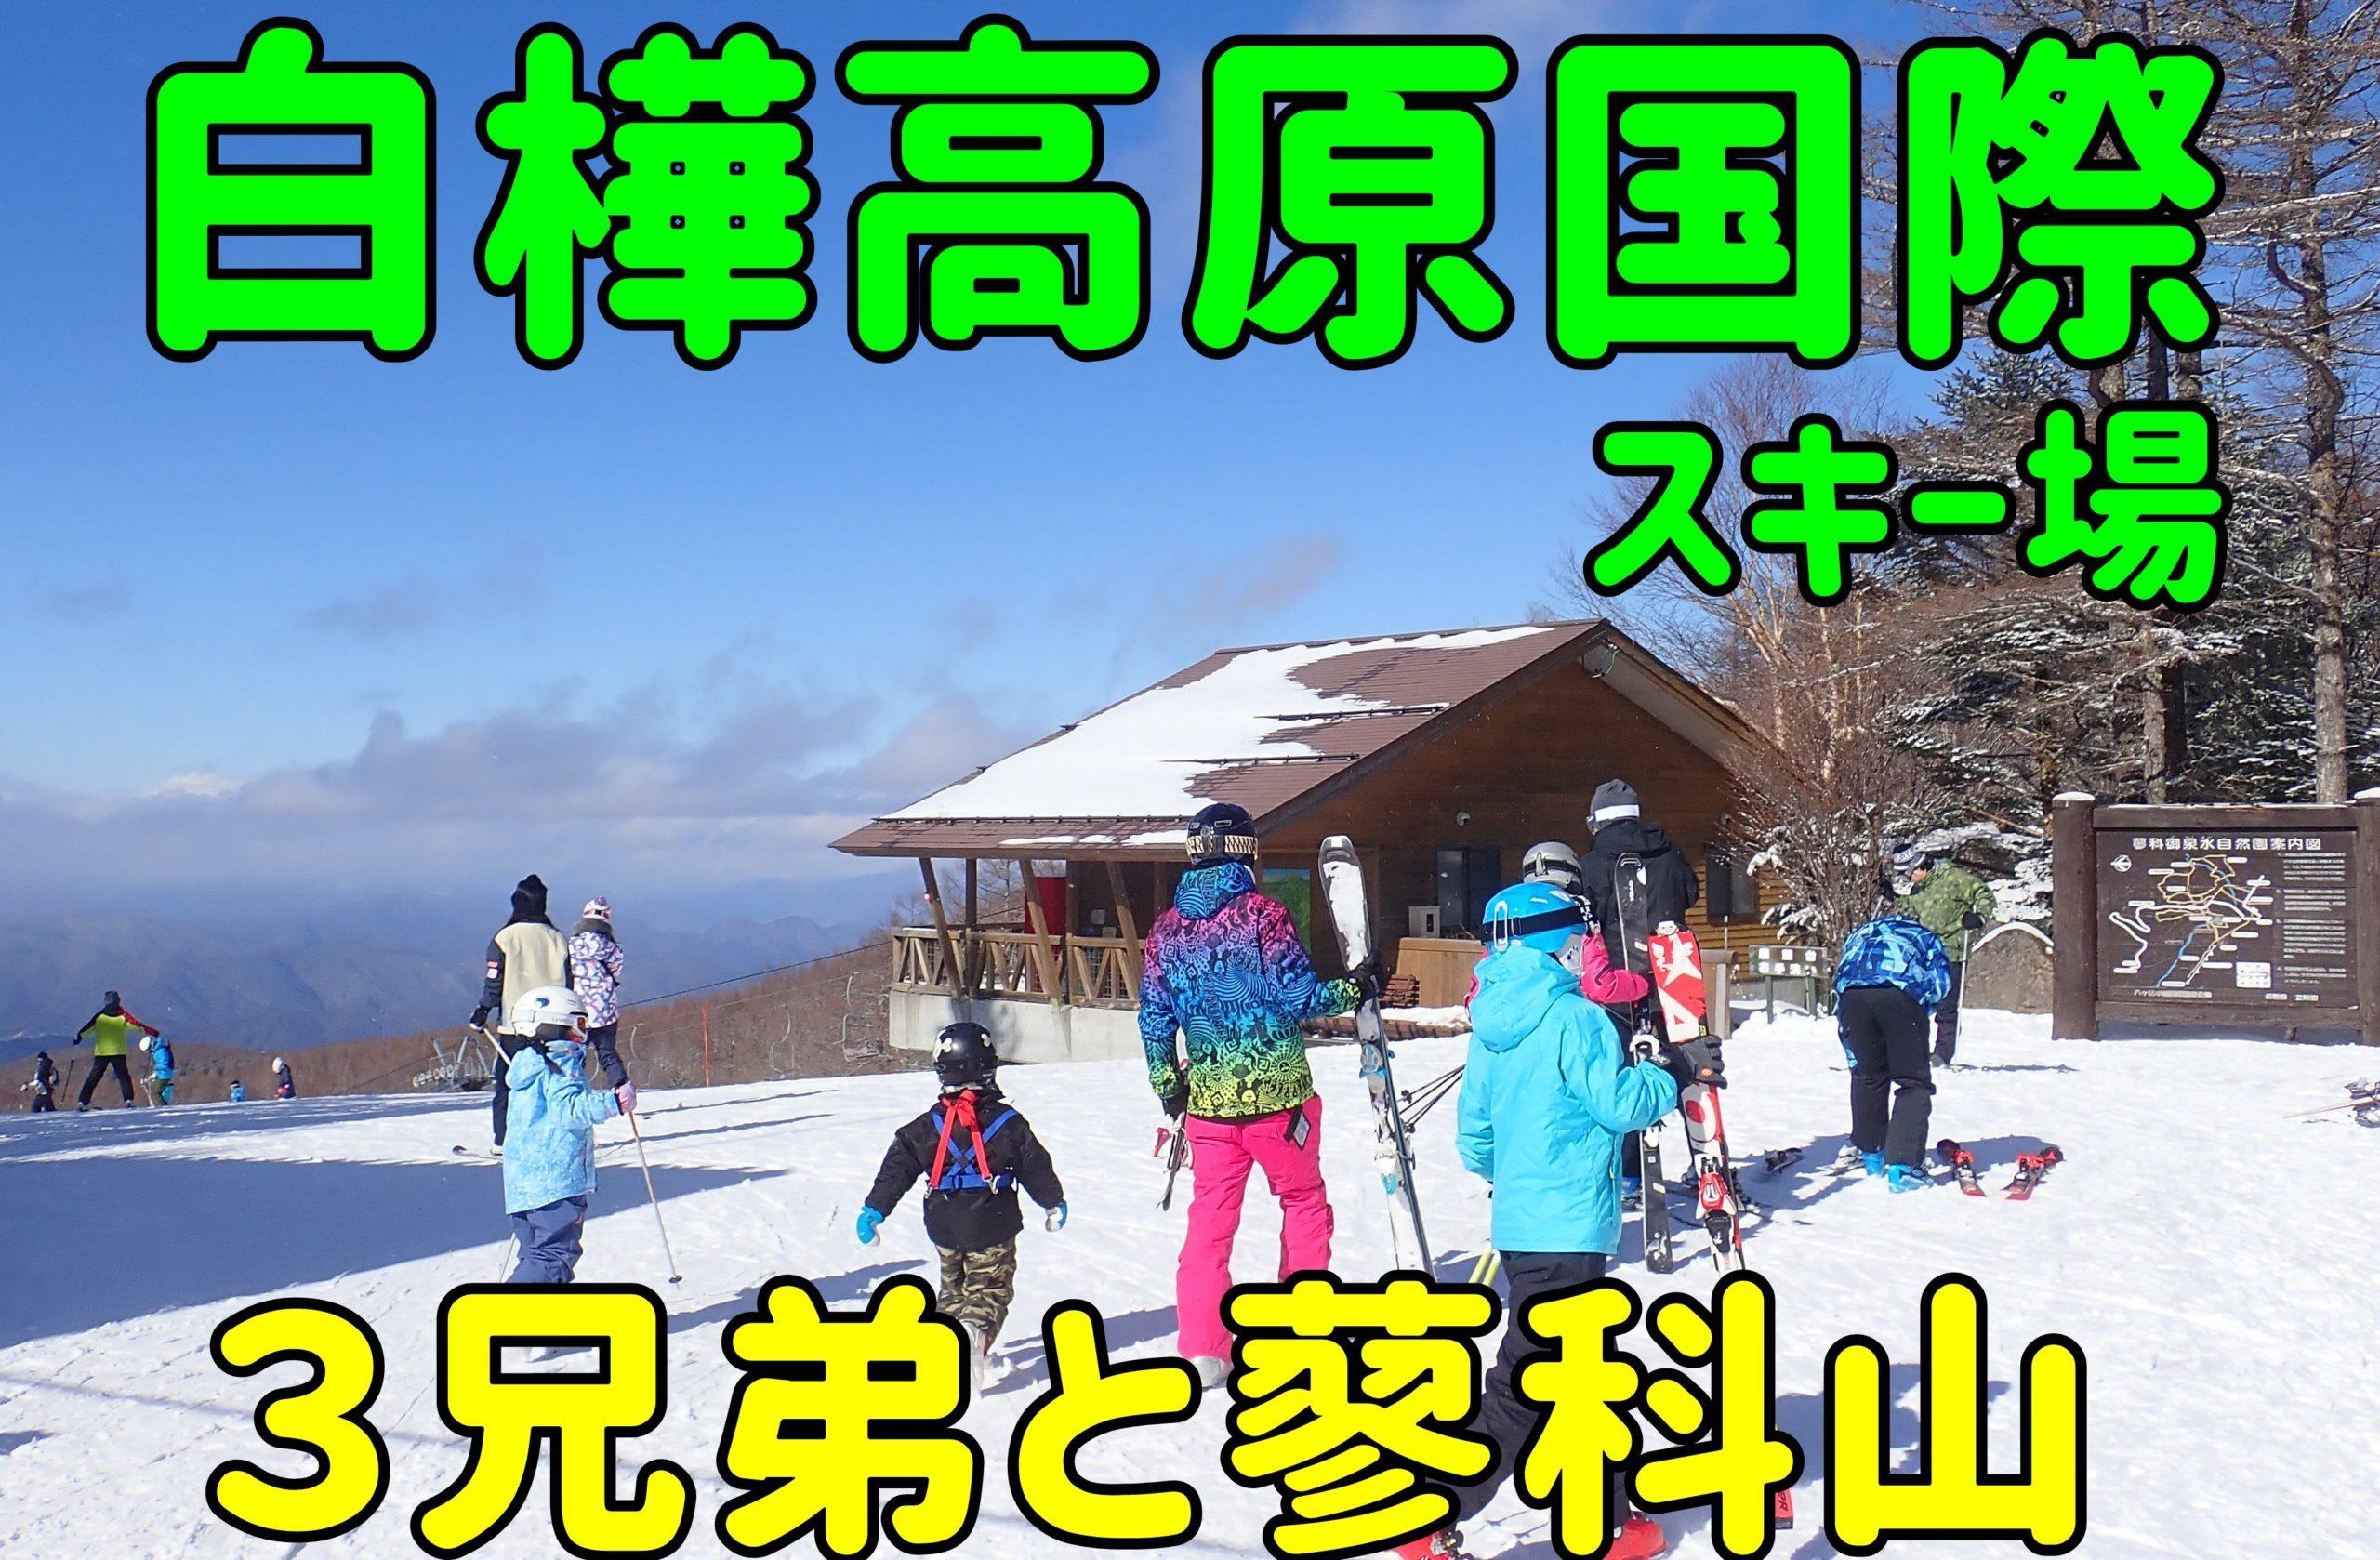 国際 白樺 スキー 天気 高原 場